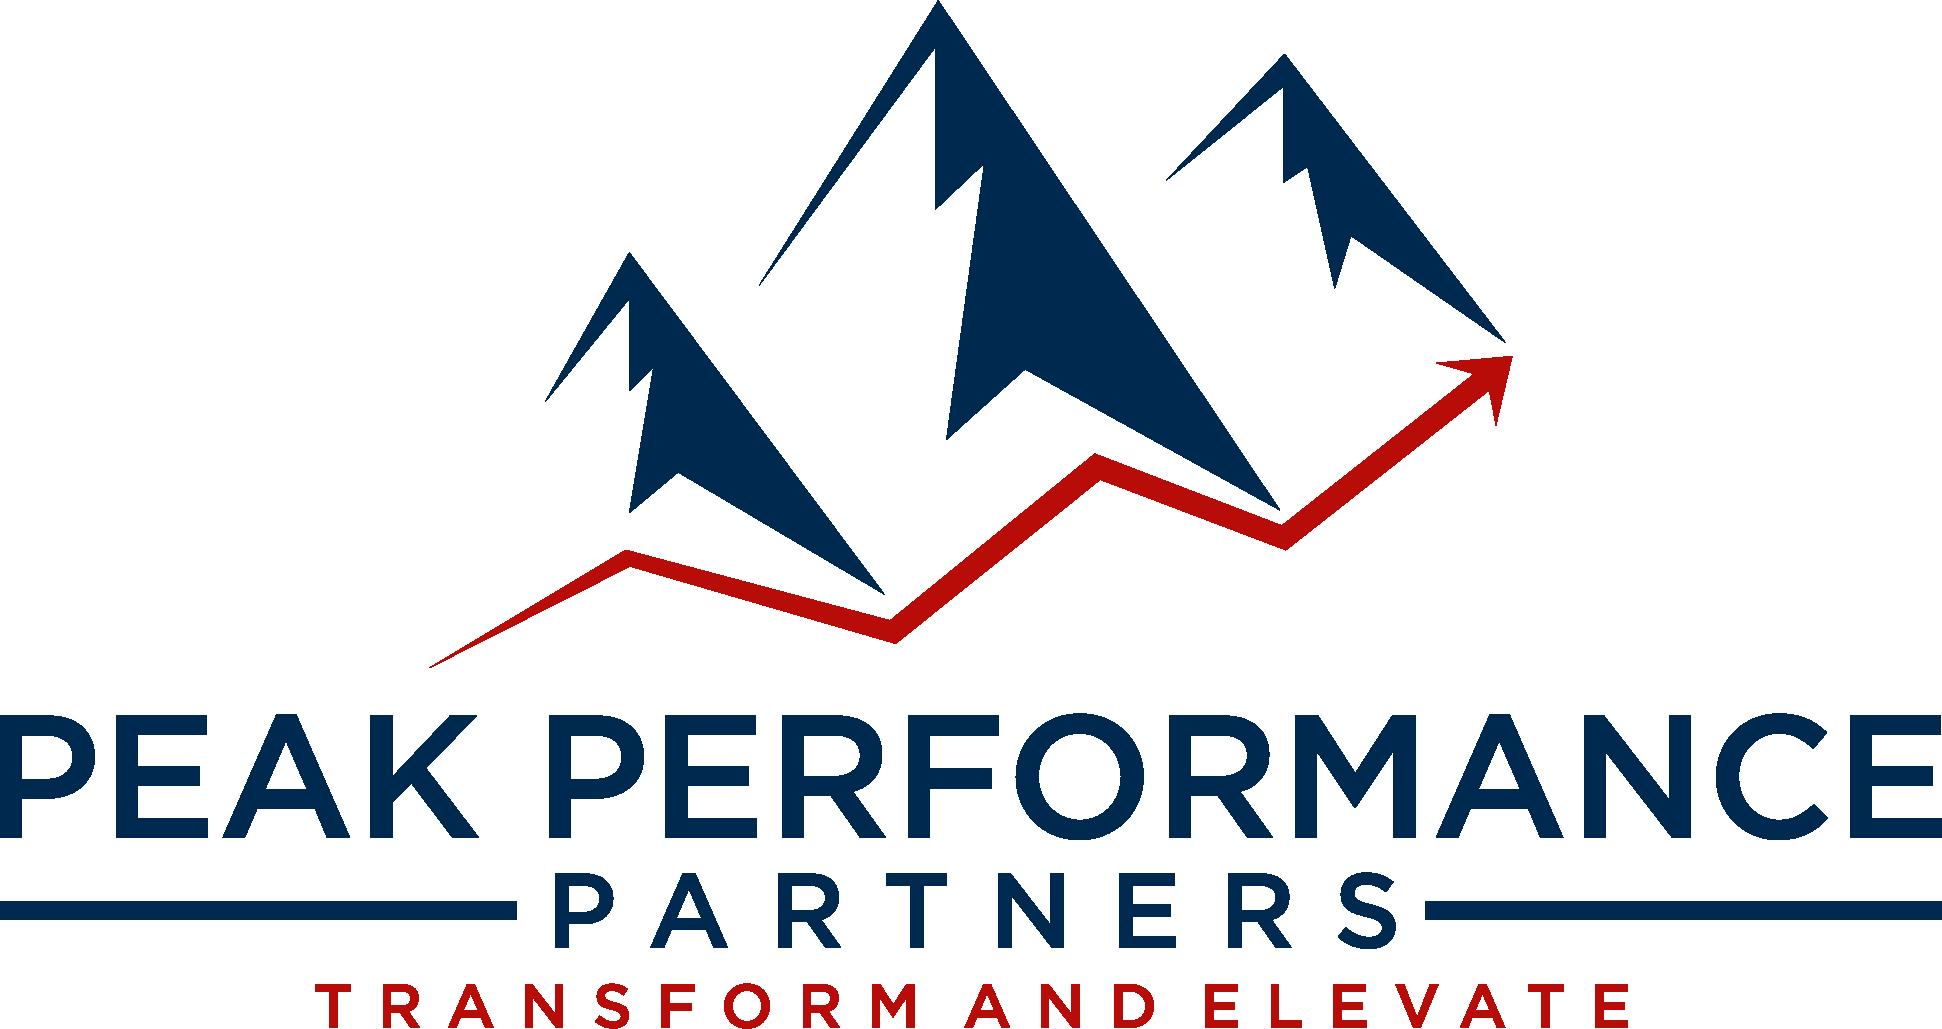 Peak Performance Partners